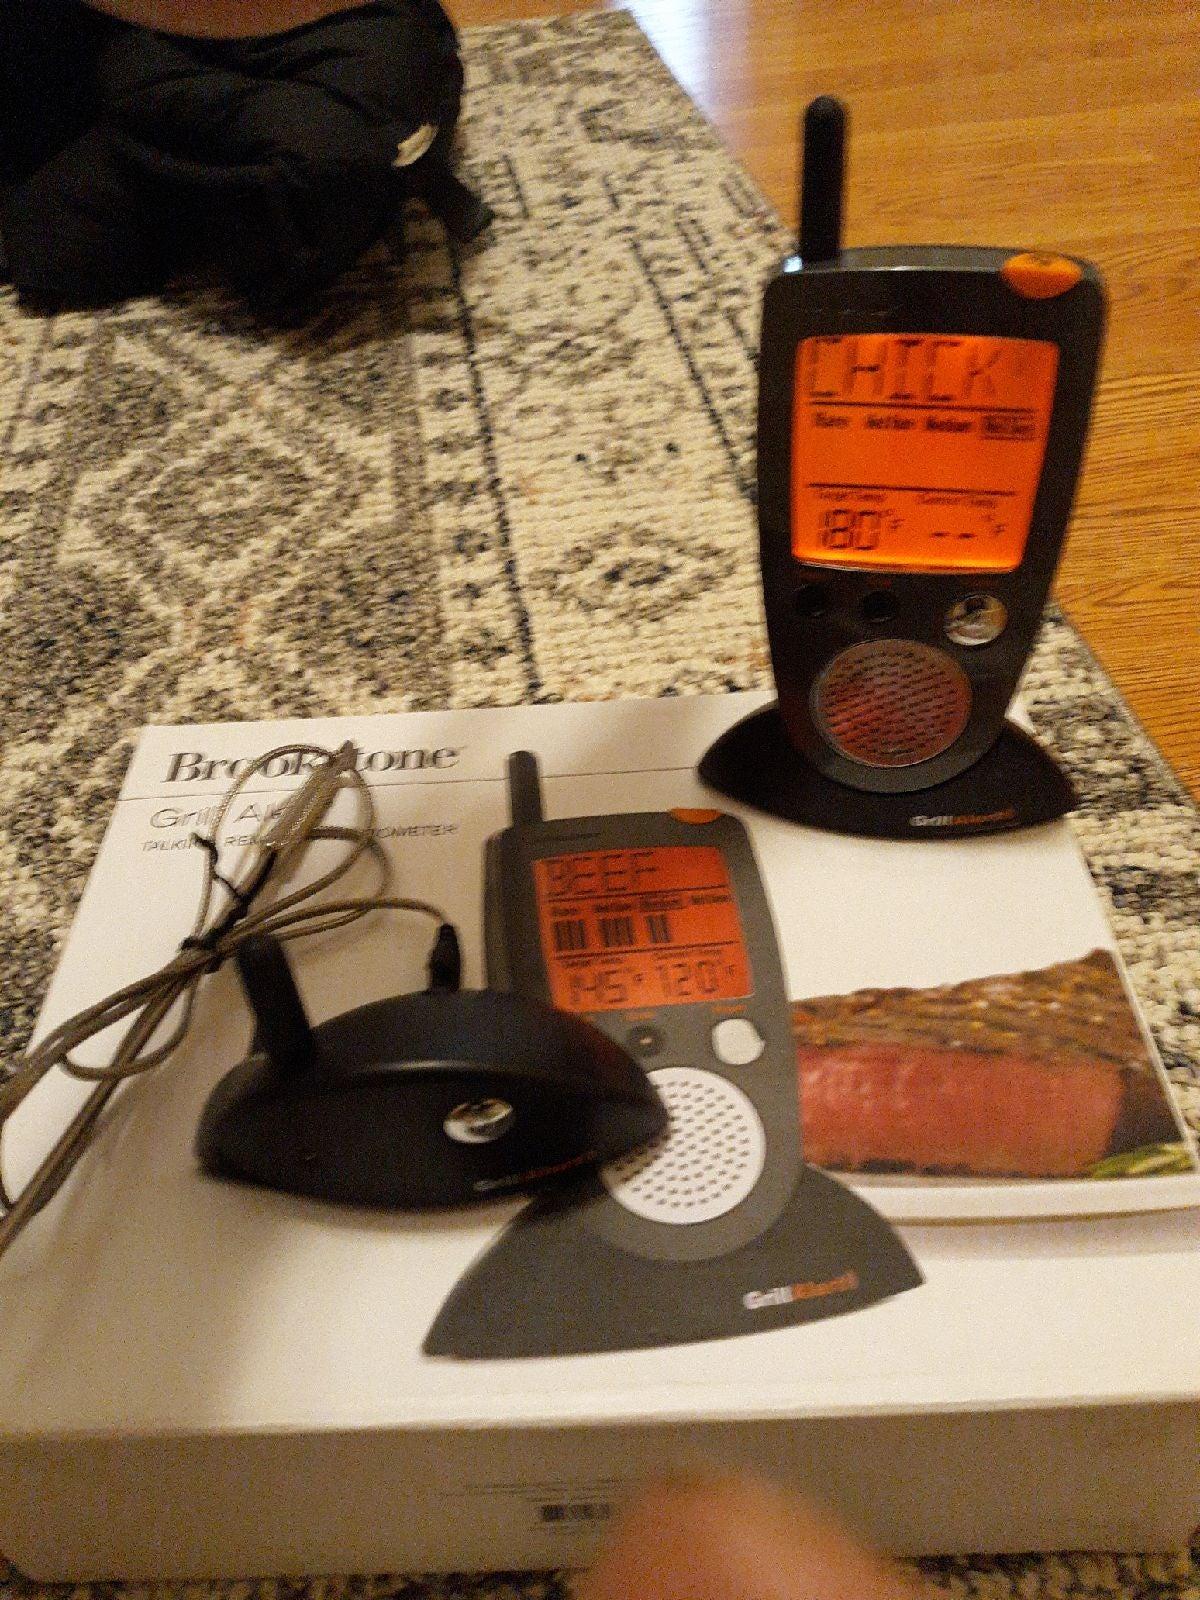 bbq grill alert talking thermometer